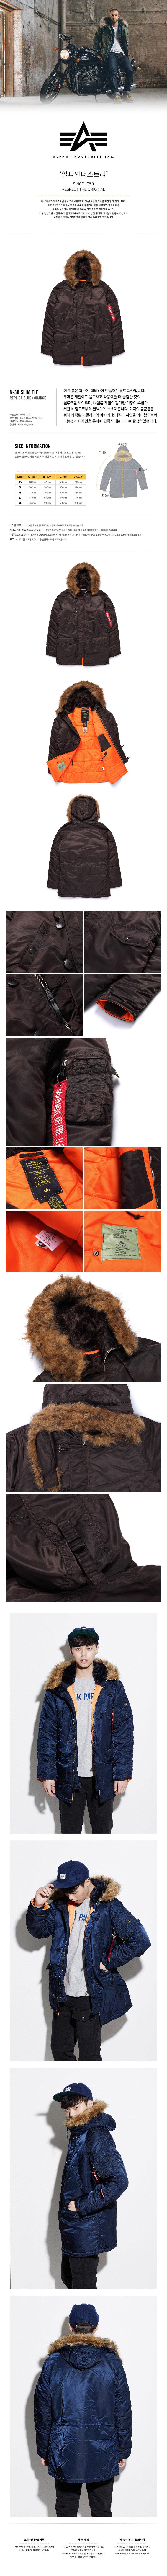 [알파인더스트리] Alpha Industries - N-3B Slim Fit (Deep Brown/Orange) 슬림핏 N3B 개파카 야상패딩 봄버